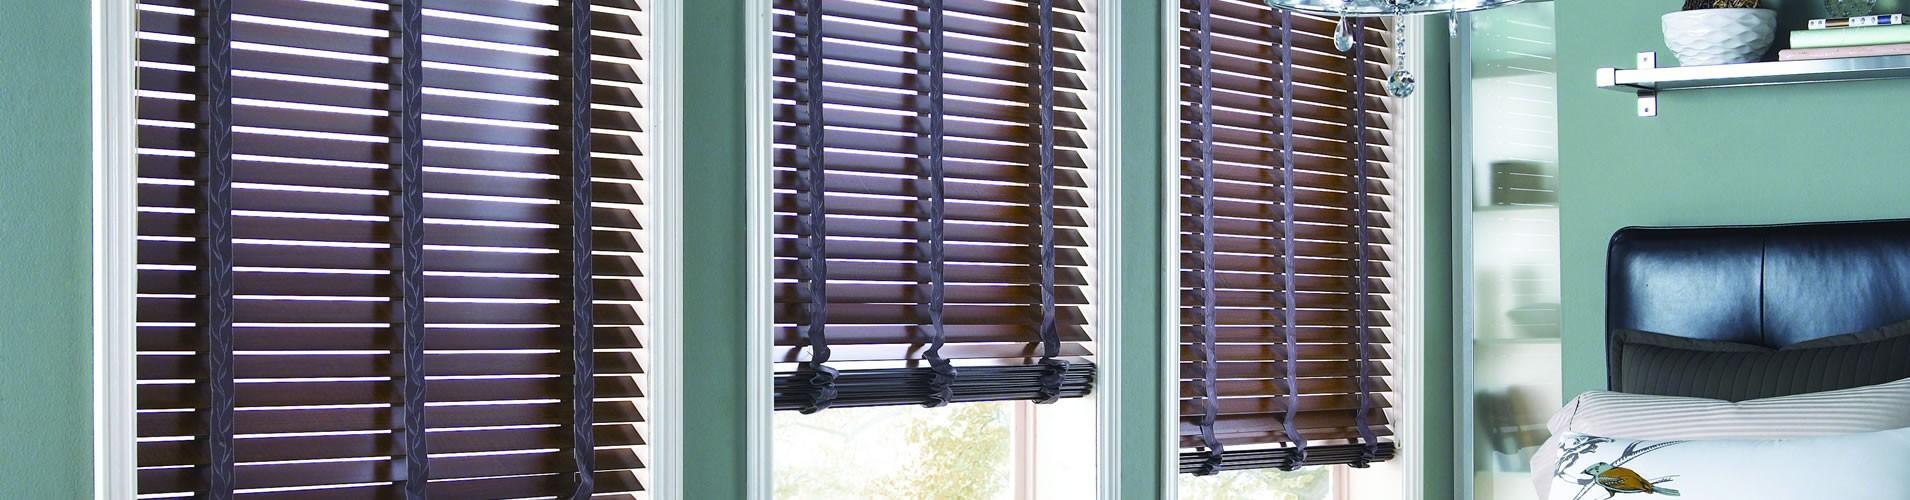 Houston wood blinds